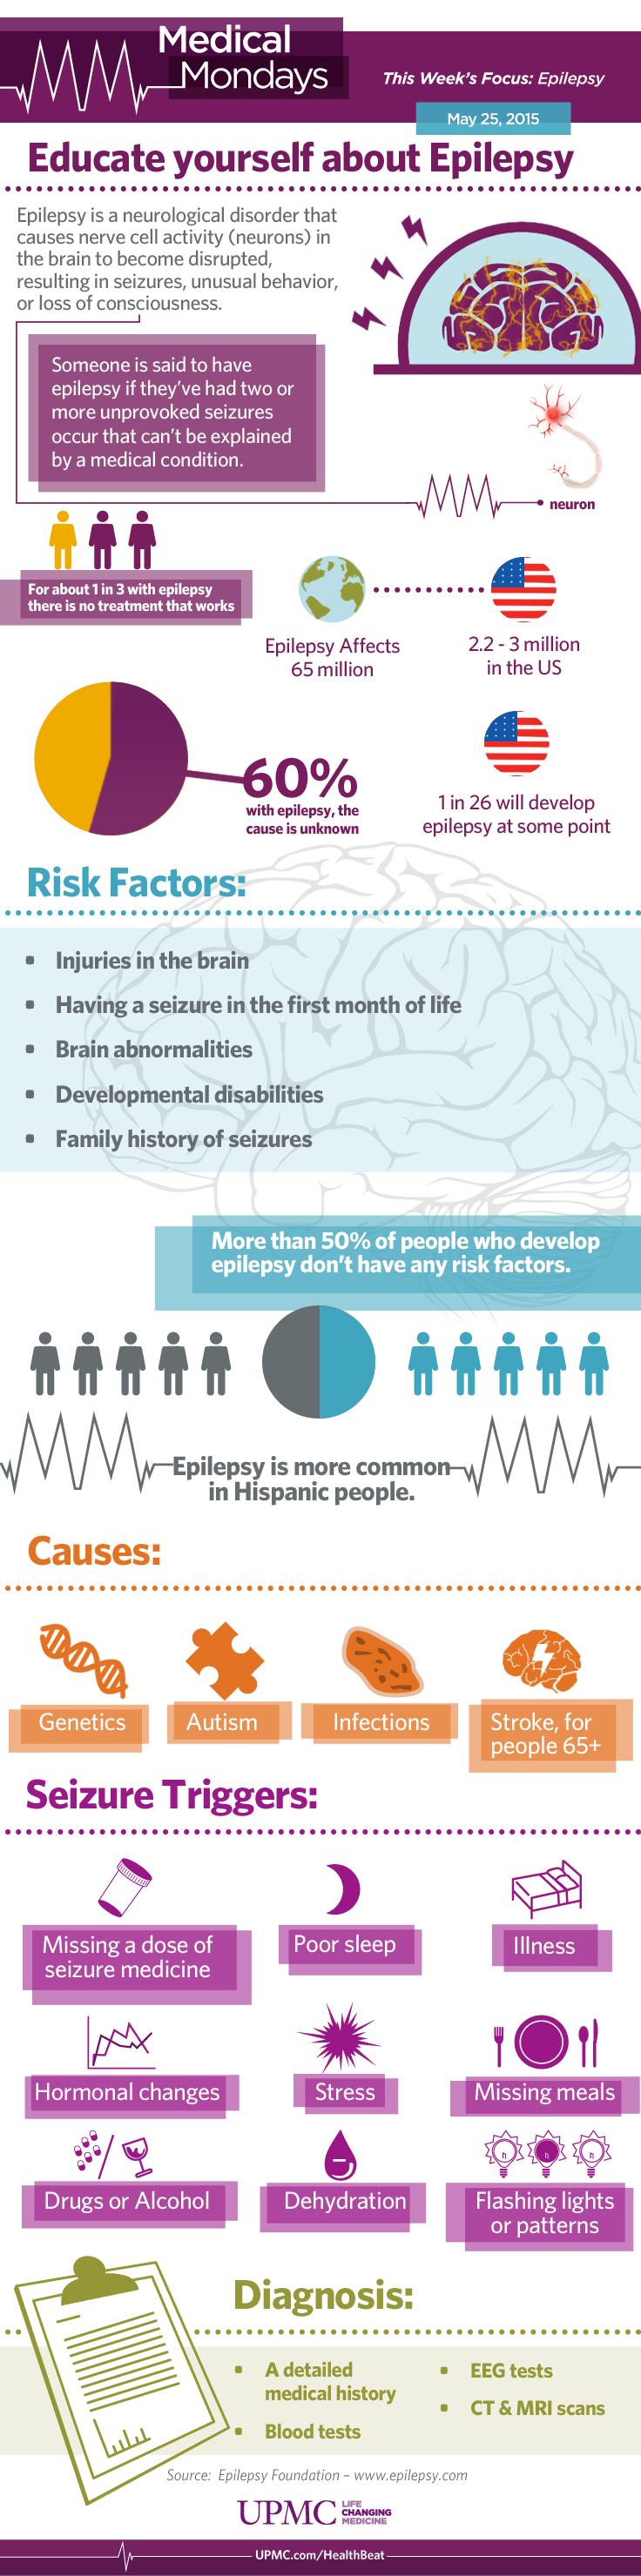 Medical Monday: Epilepsy